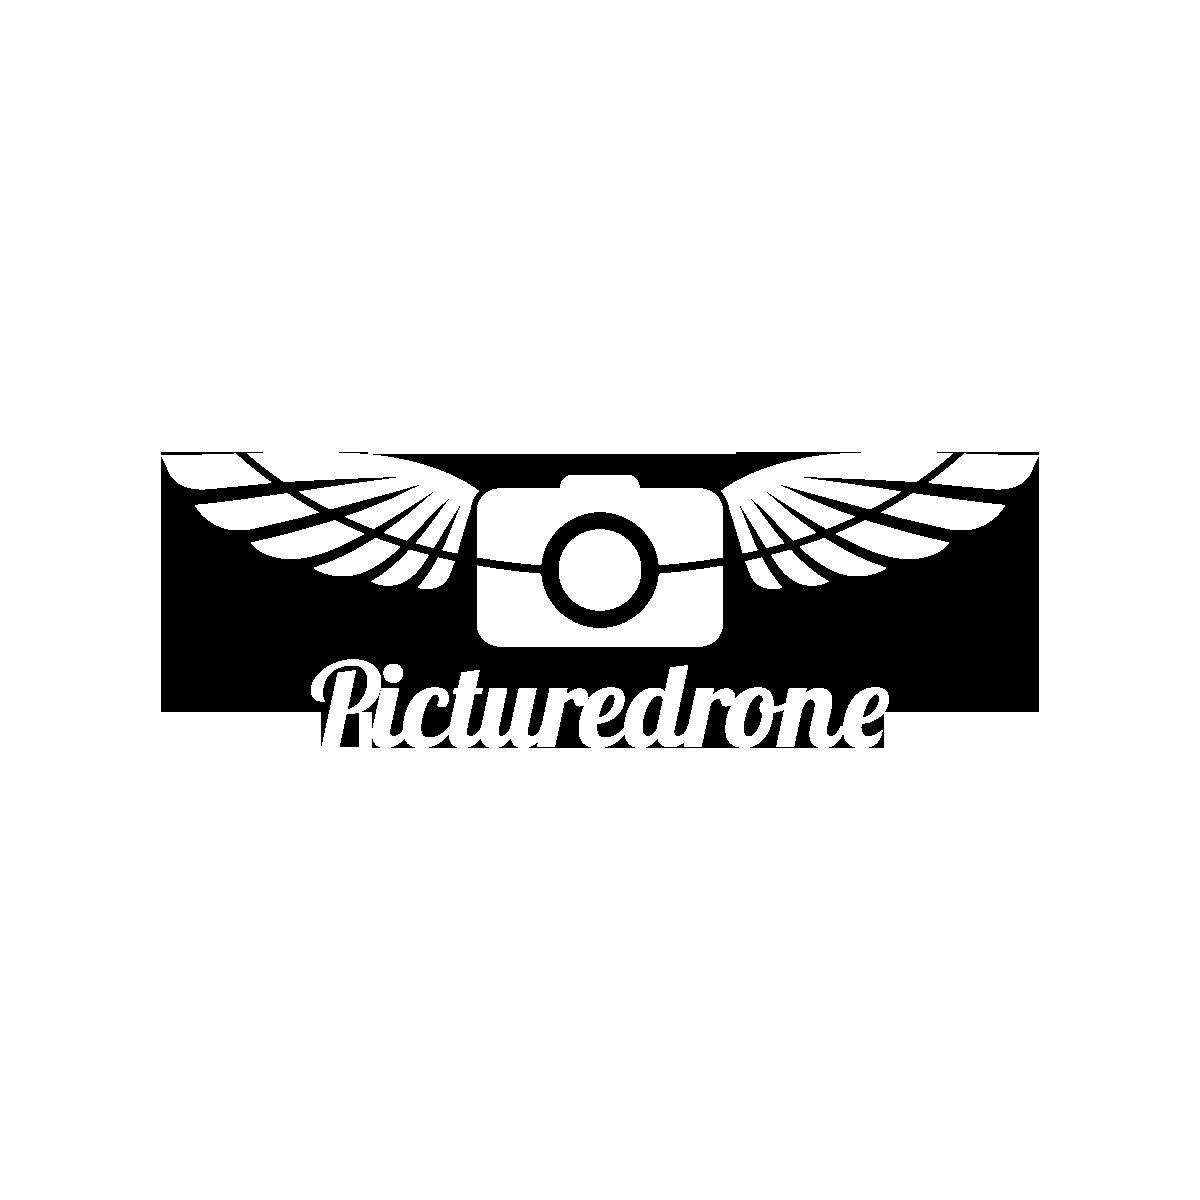 Picturedrone